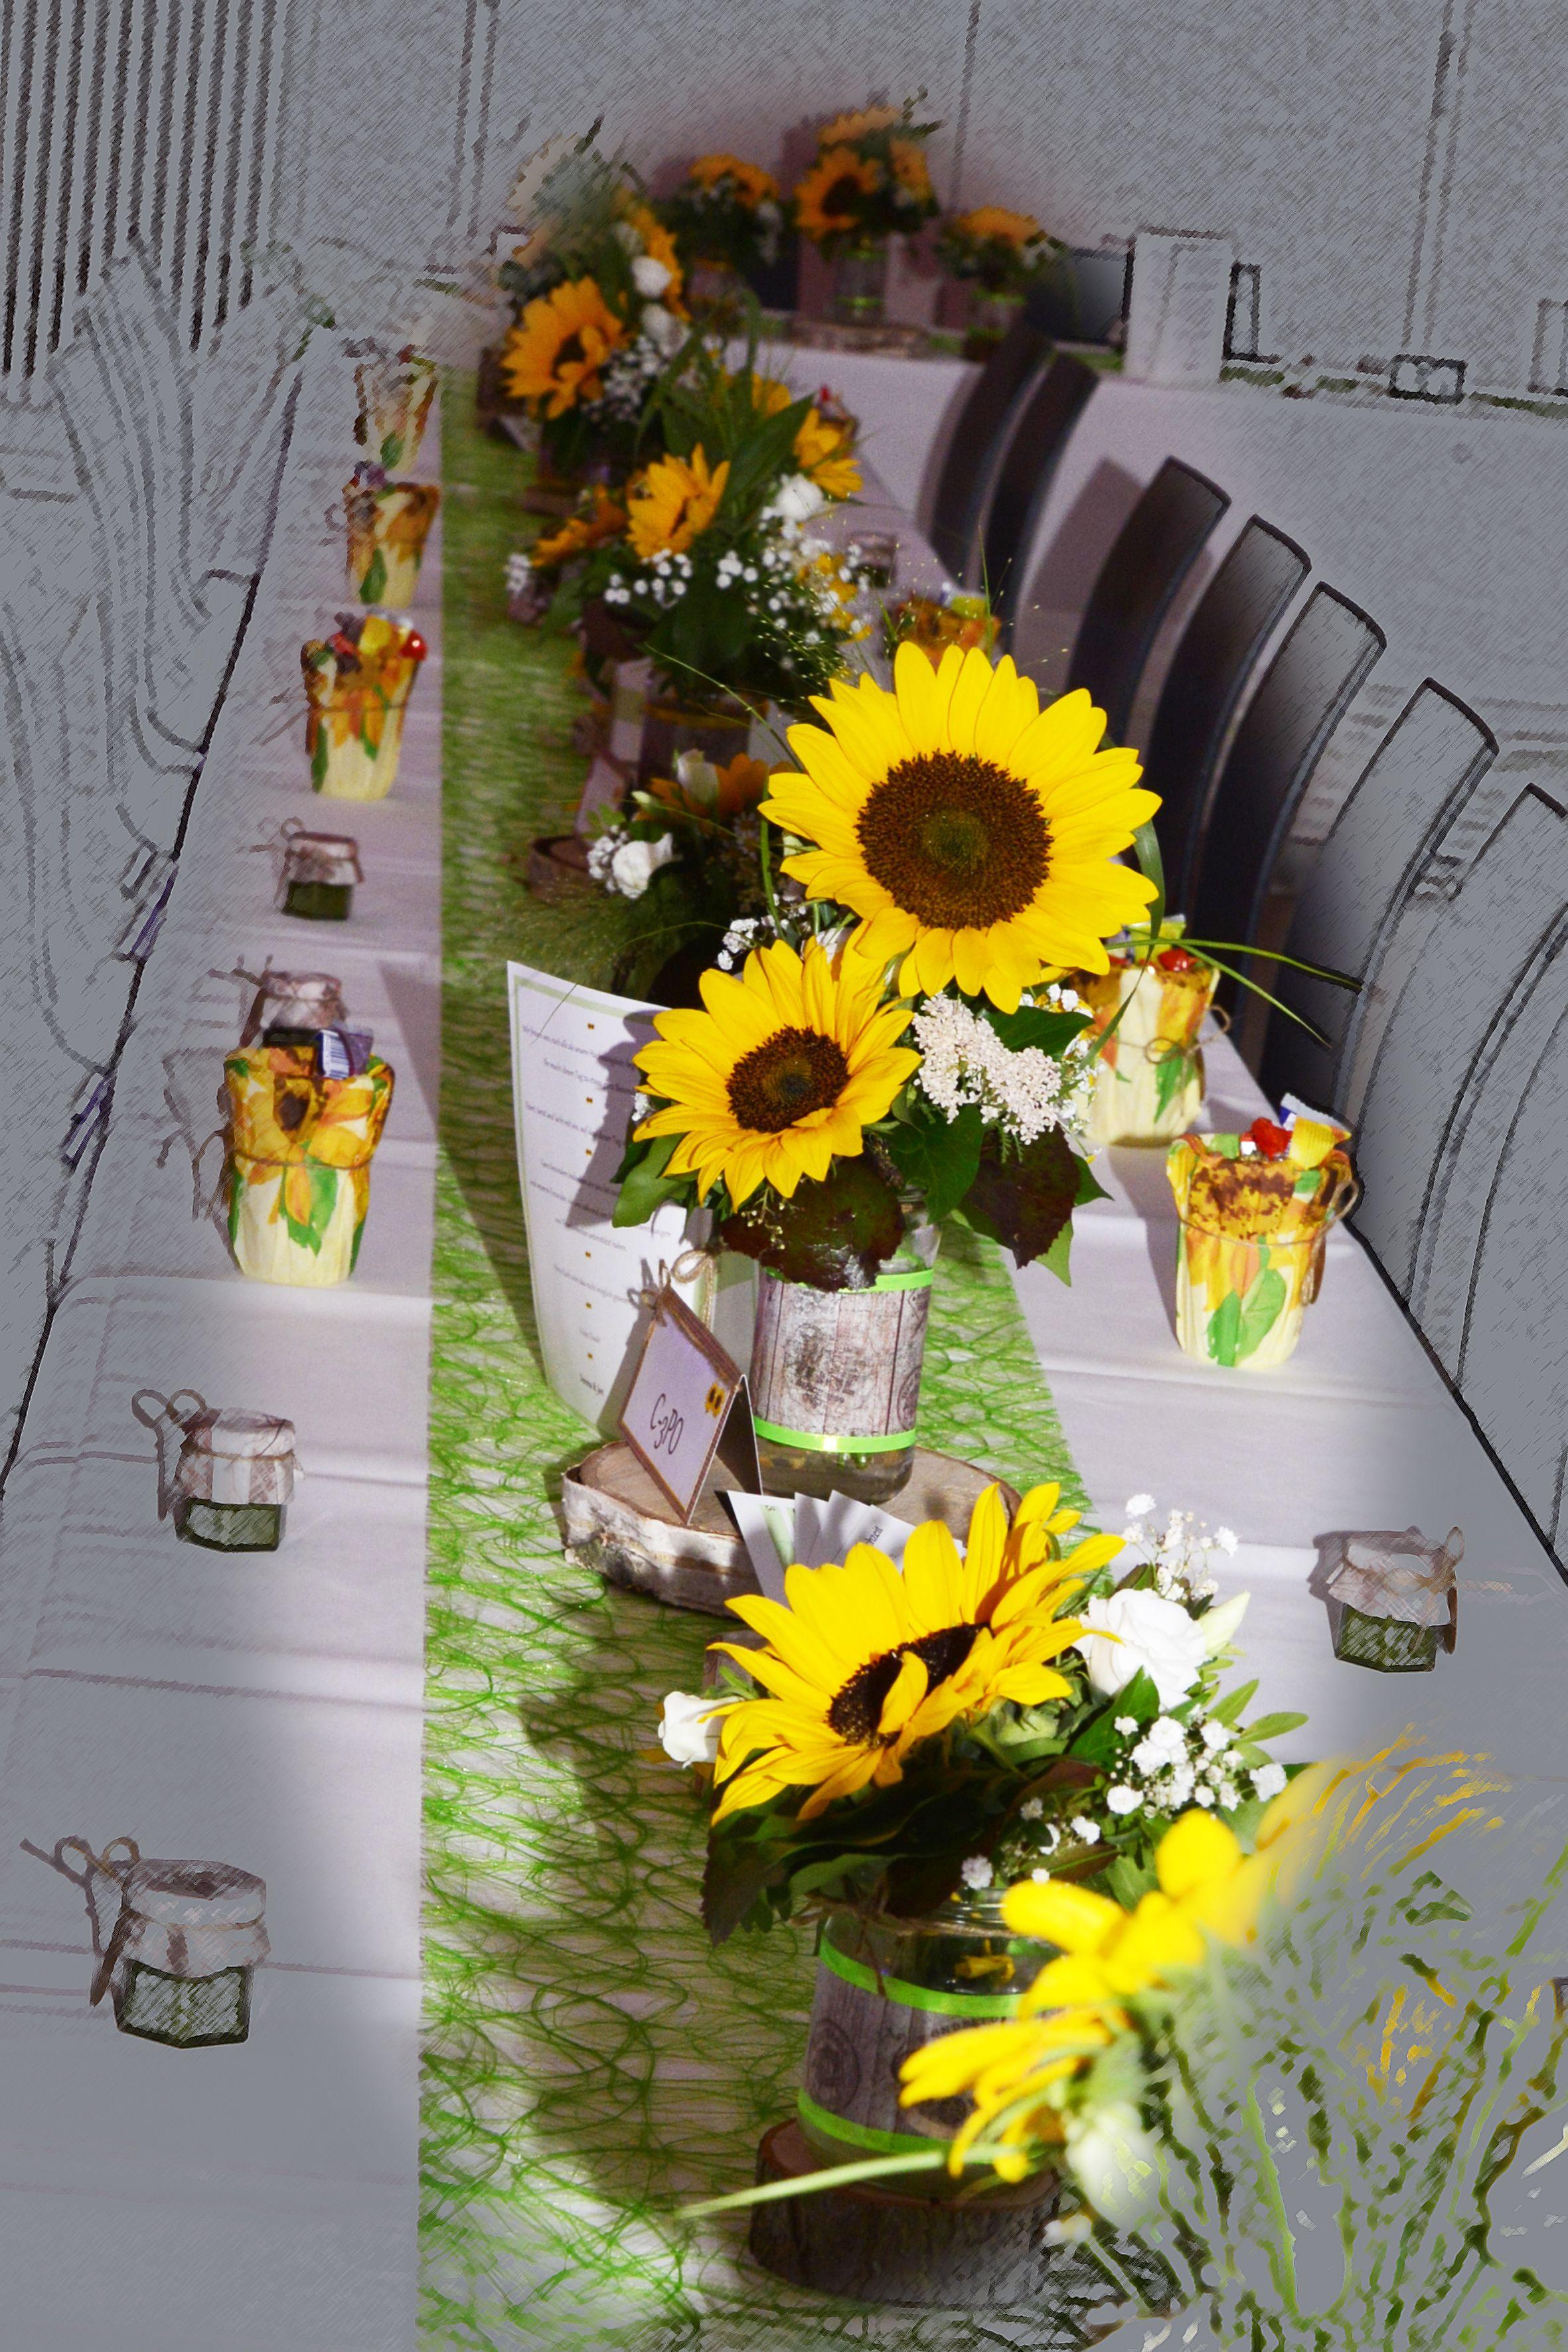 hochzeit tischdeko sonnenblume gelb gr n natur rustikal hochzeit sonnenblumen pinterest. Black Bedroom Furniture Sets. Home Design Ideas